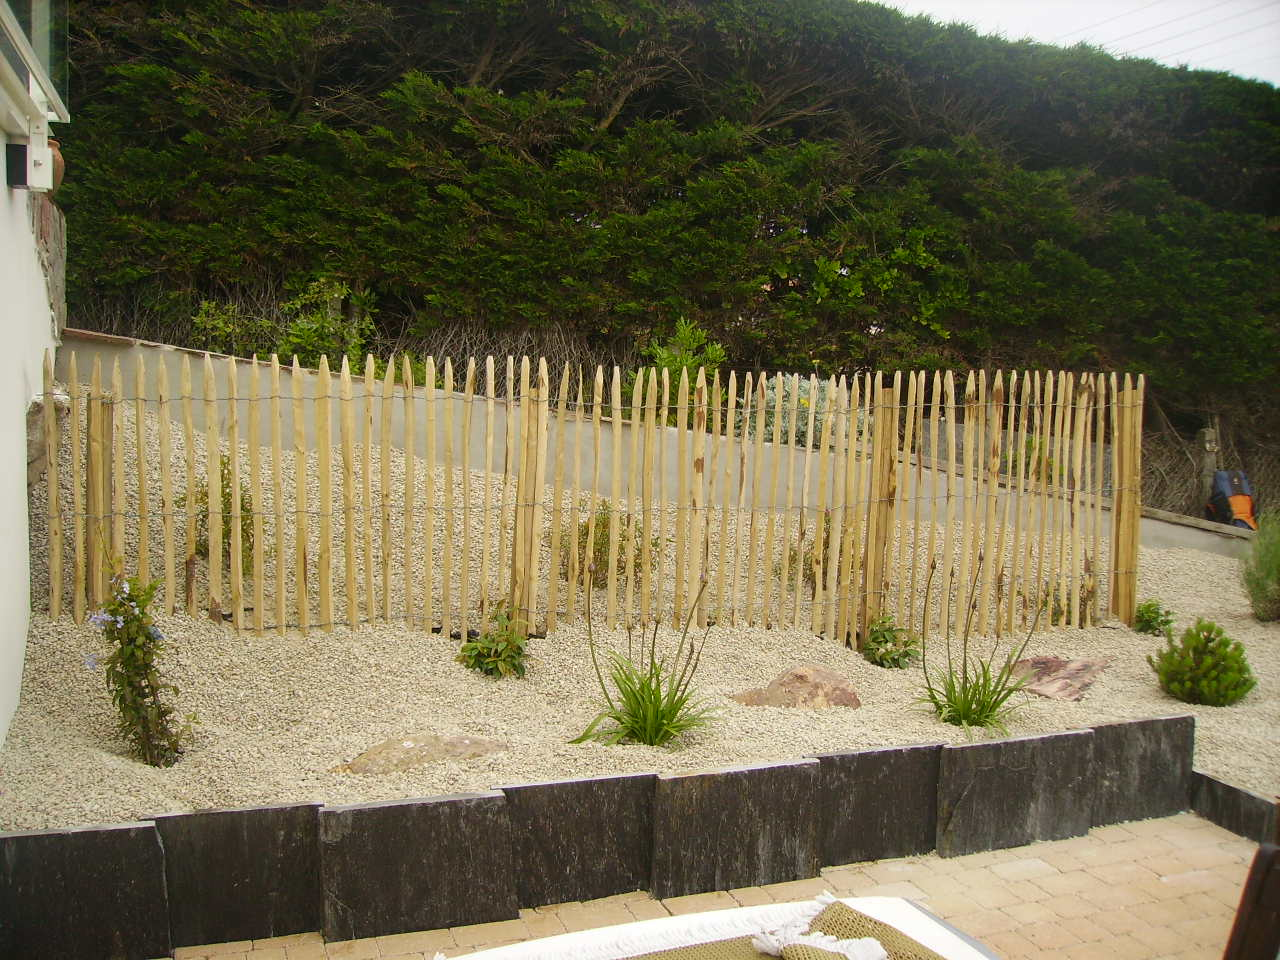 Petit jardin contemporain fort de france 3321 for Jardin urbain contemporain